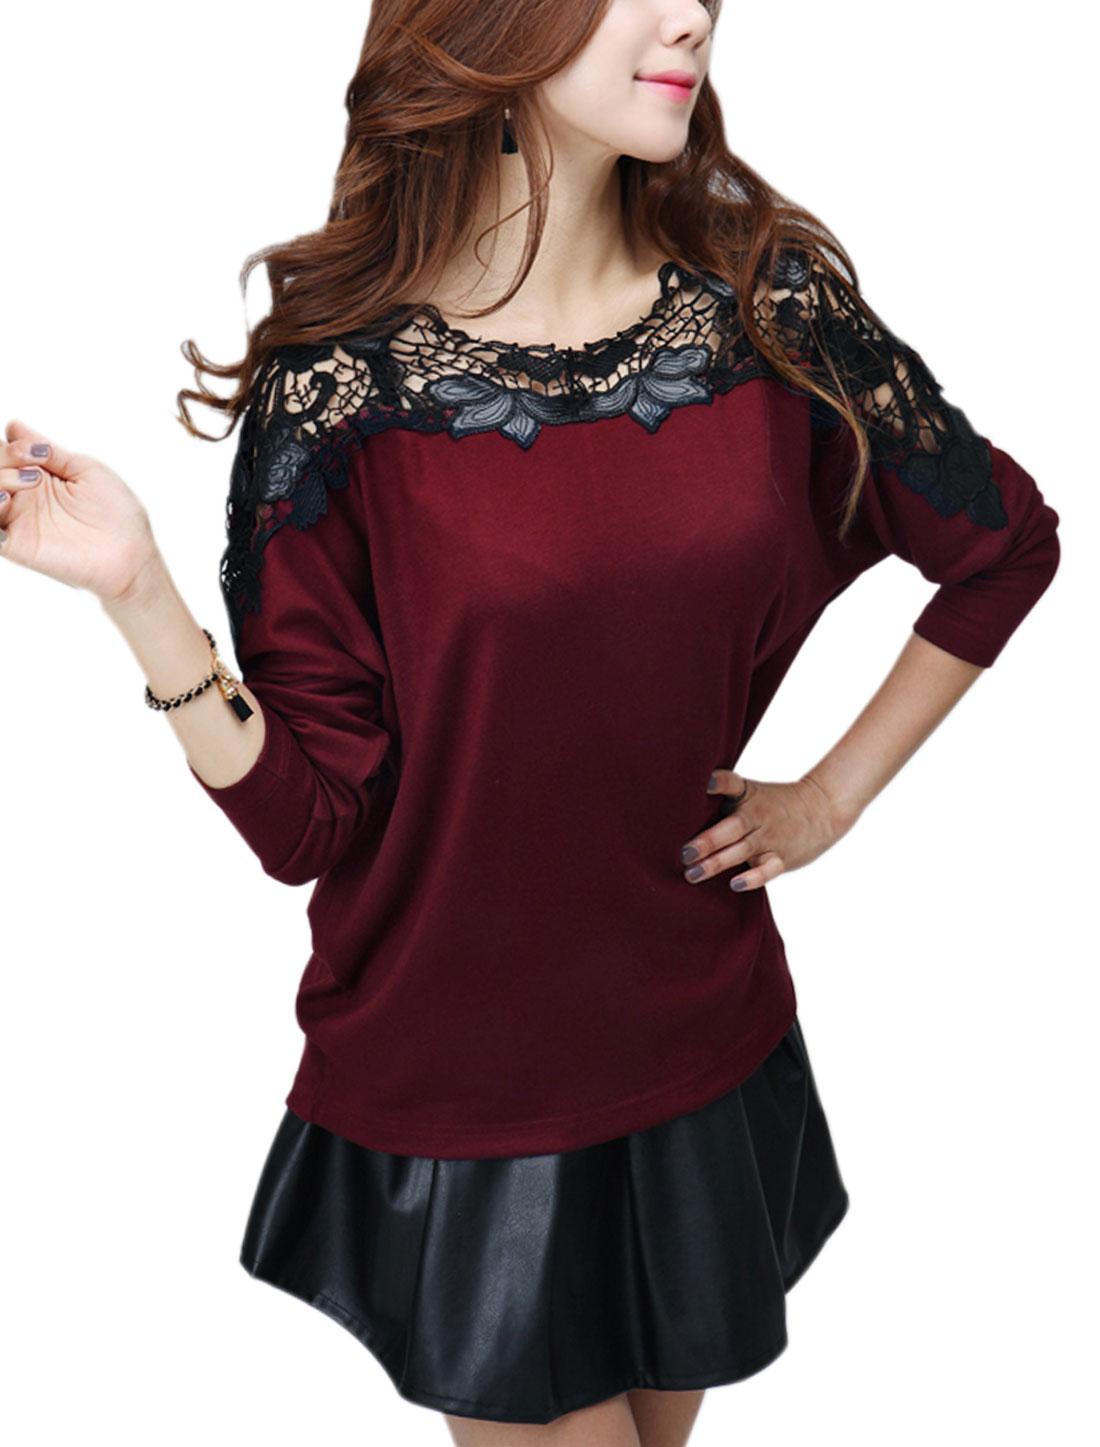 Ladies Burgundy Crochet Slipover Long Sleeves Loose Leisure Top S